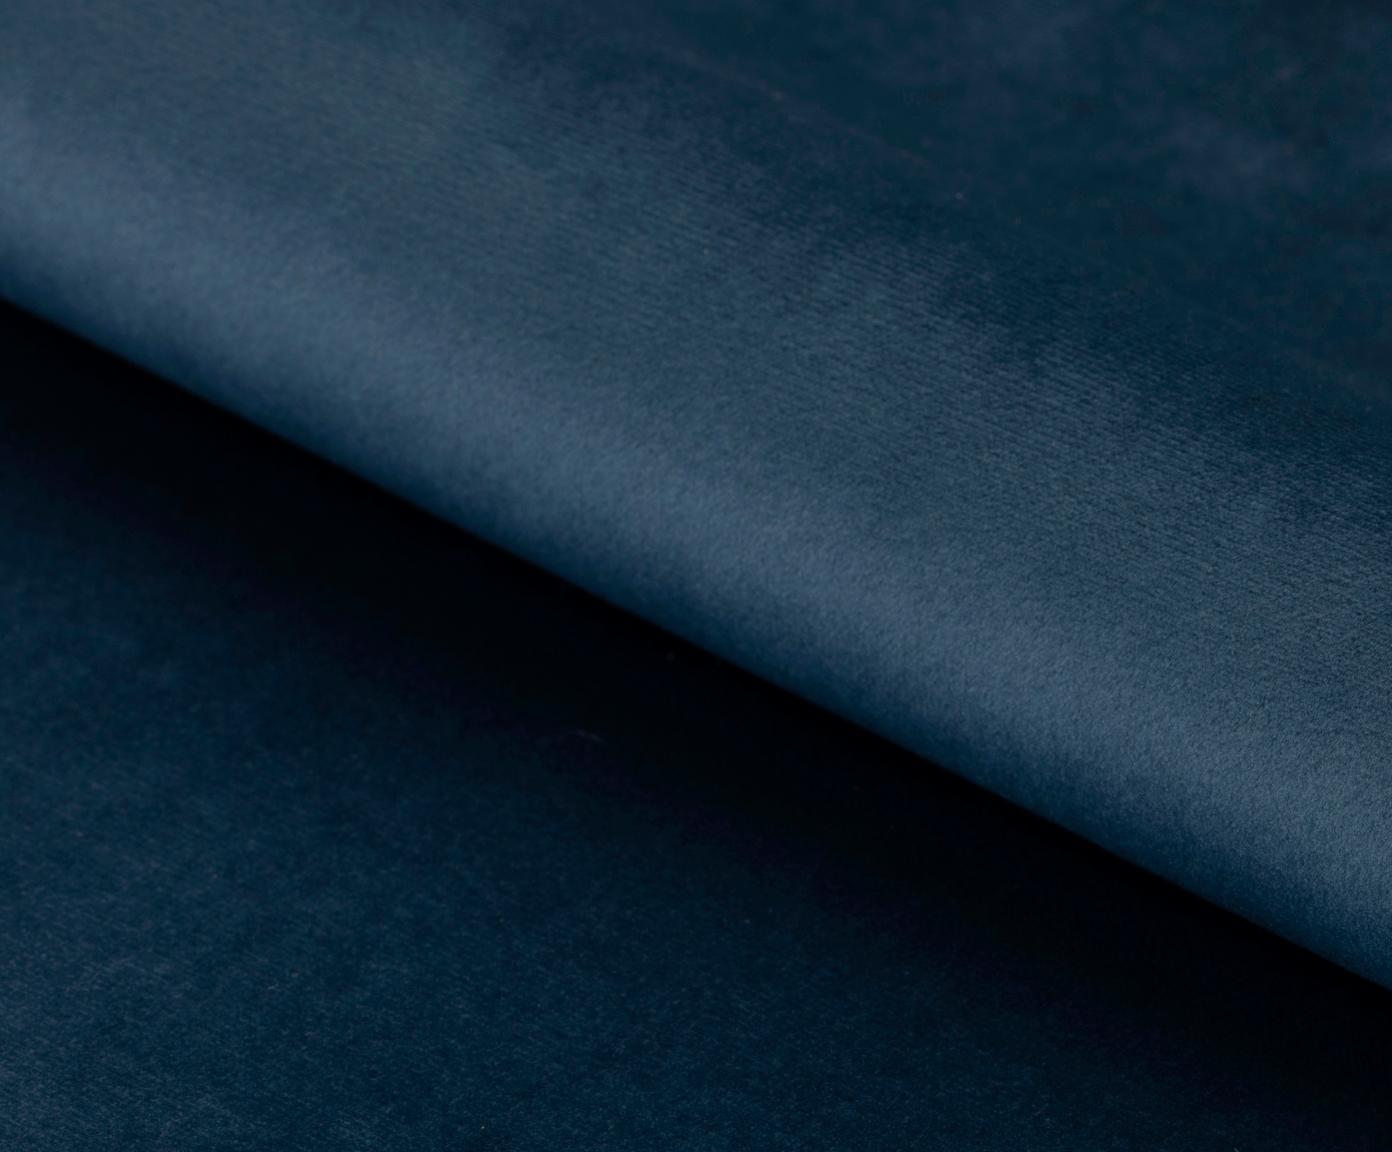 Sedia con braccioli girevole in velluto Lucie, Rivestimento: velluto di poliestere 25., Gambe: metallo verniciato a polv, Blu scuro, nero, Larg. 58 x Prof. 62 cm